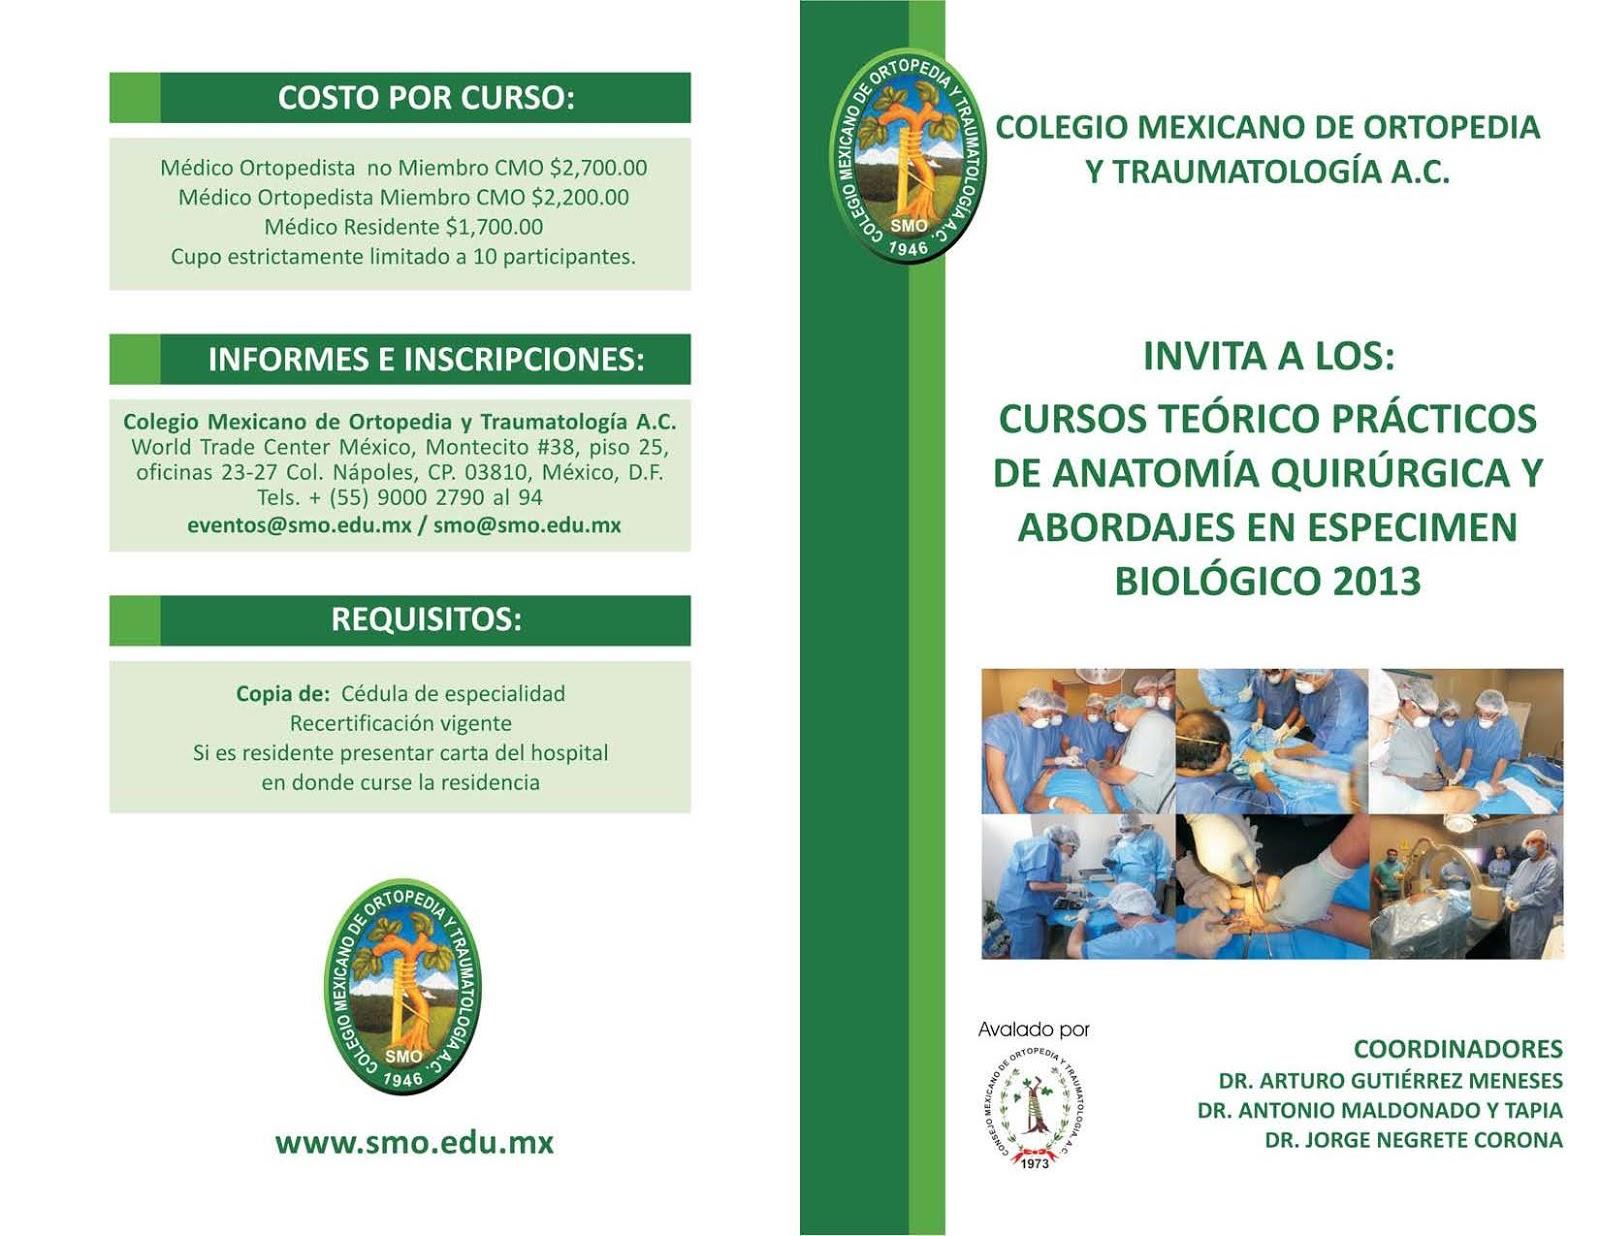 Colegio Mexicano de Ortopedia y Traumatología: Cursos en especimen ...